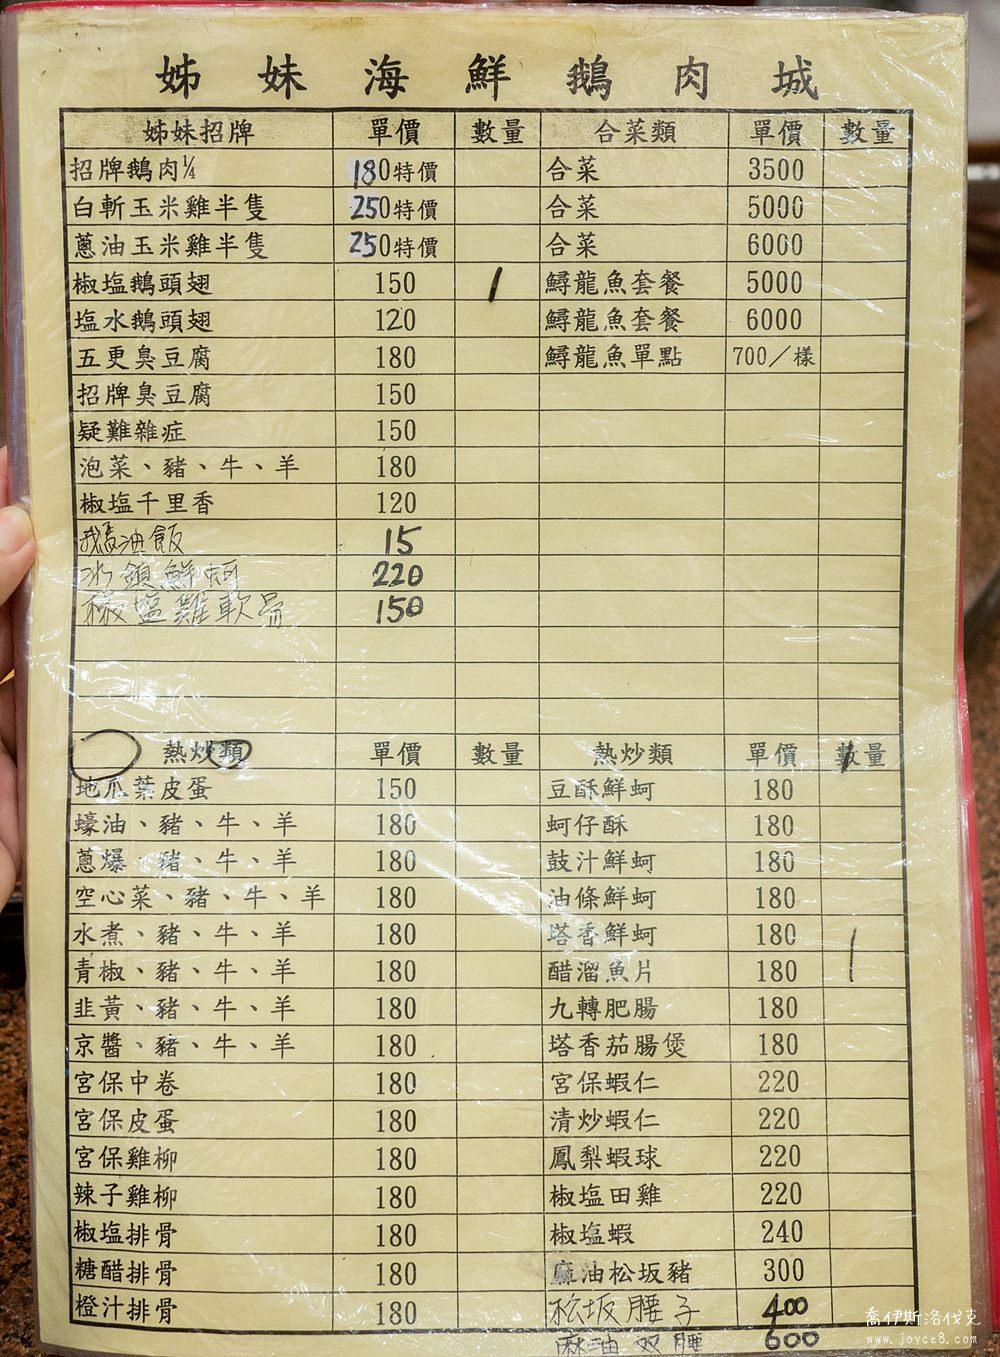 三峽姊妹海鮮鵝肉城菜單,姊妹海鮮鵝肉城菜單